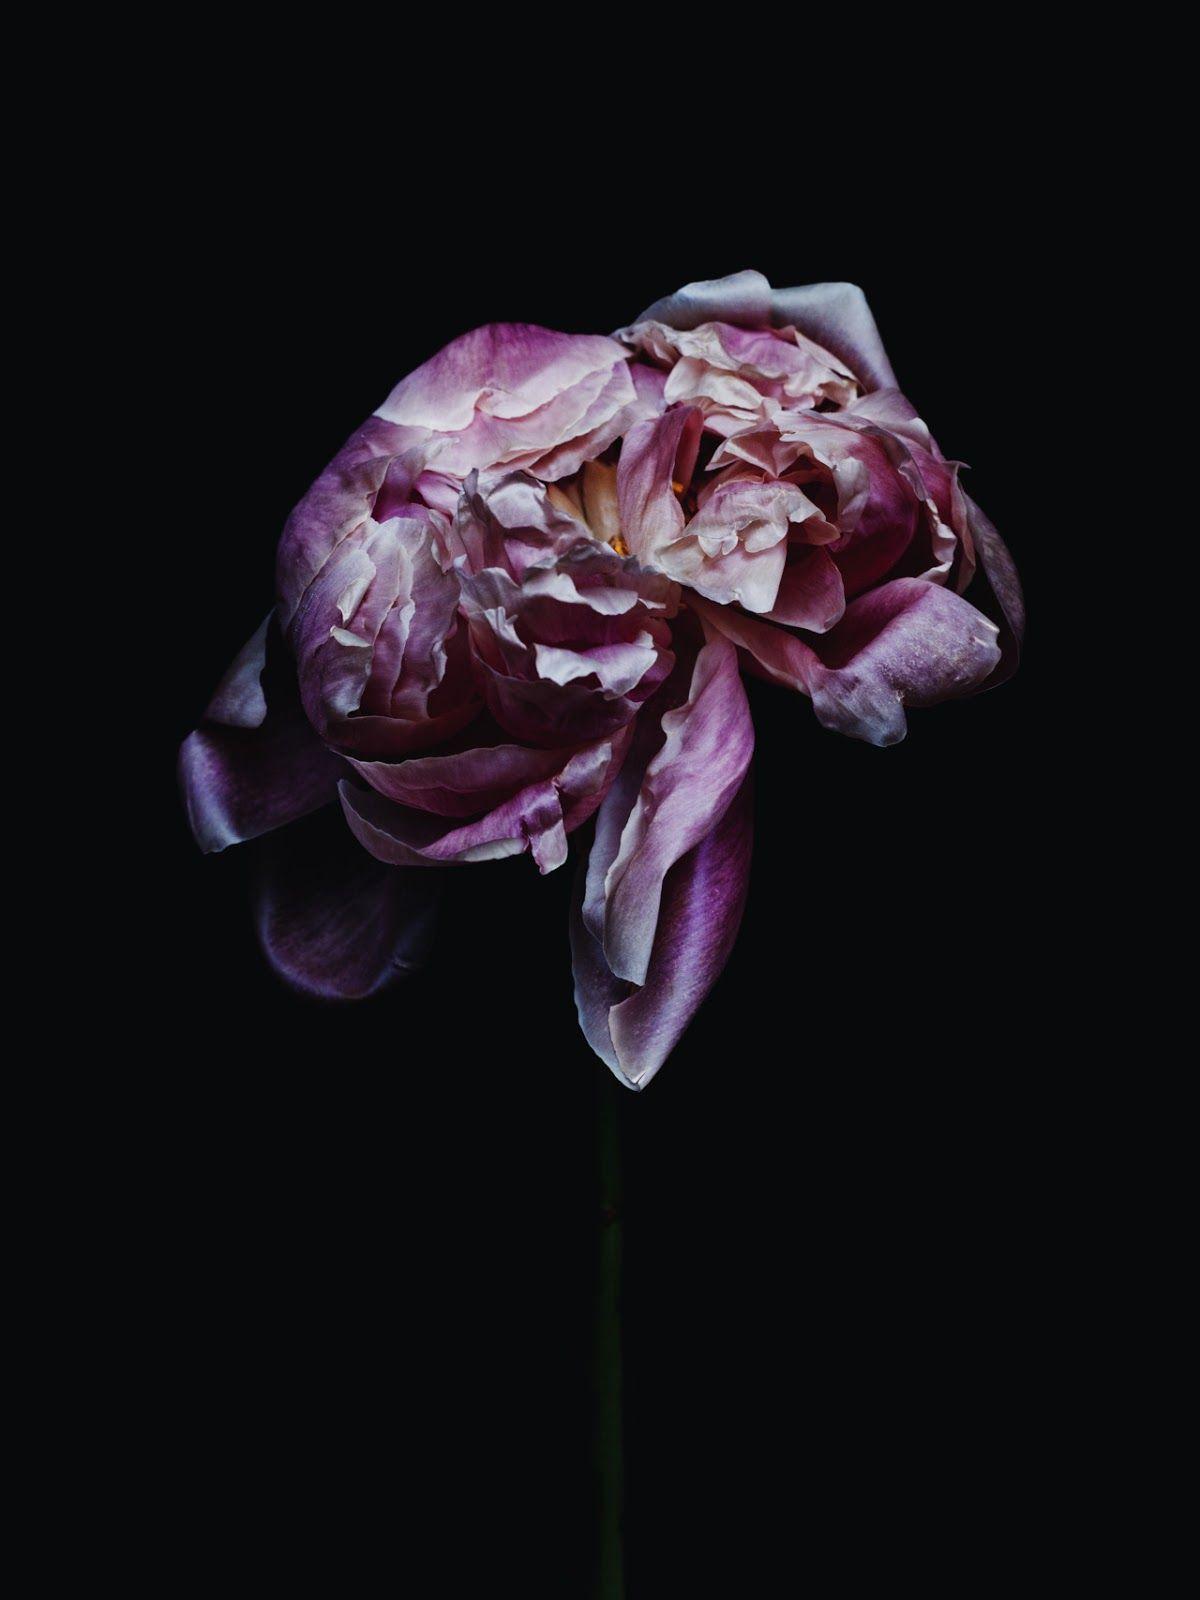 Dead Girl In Love Wallpaper Photo By Billy Kidd Bloem Flowers Dark Flowers